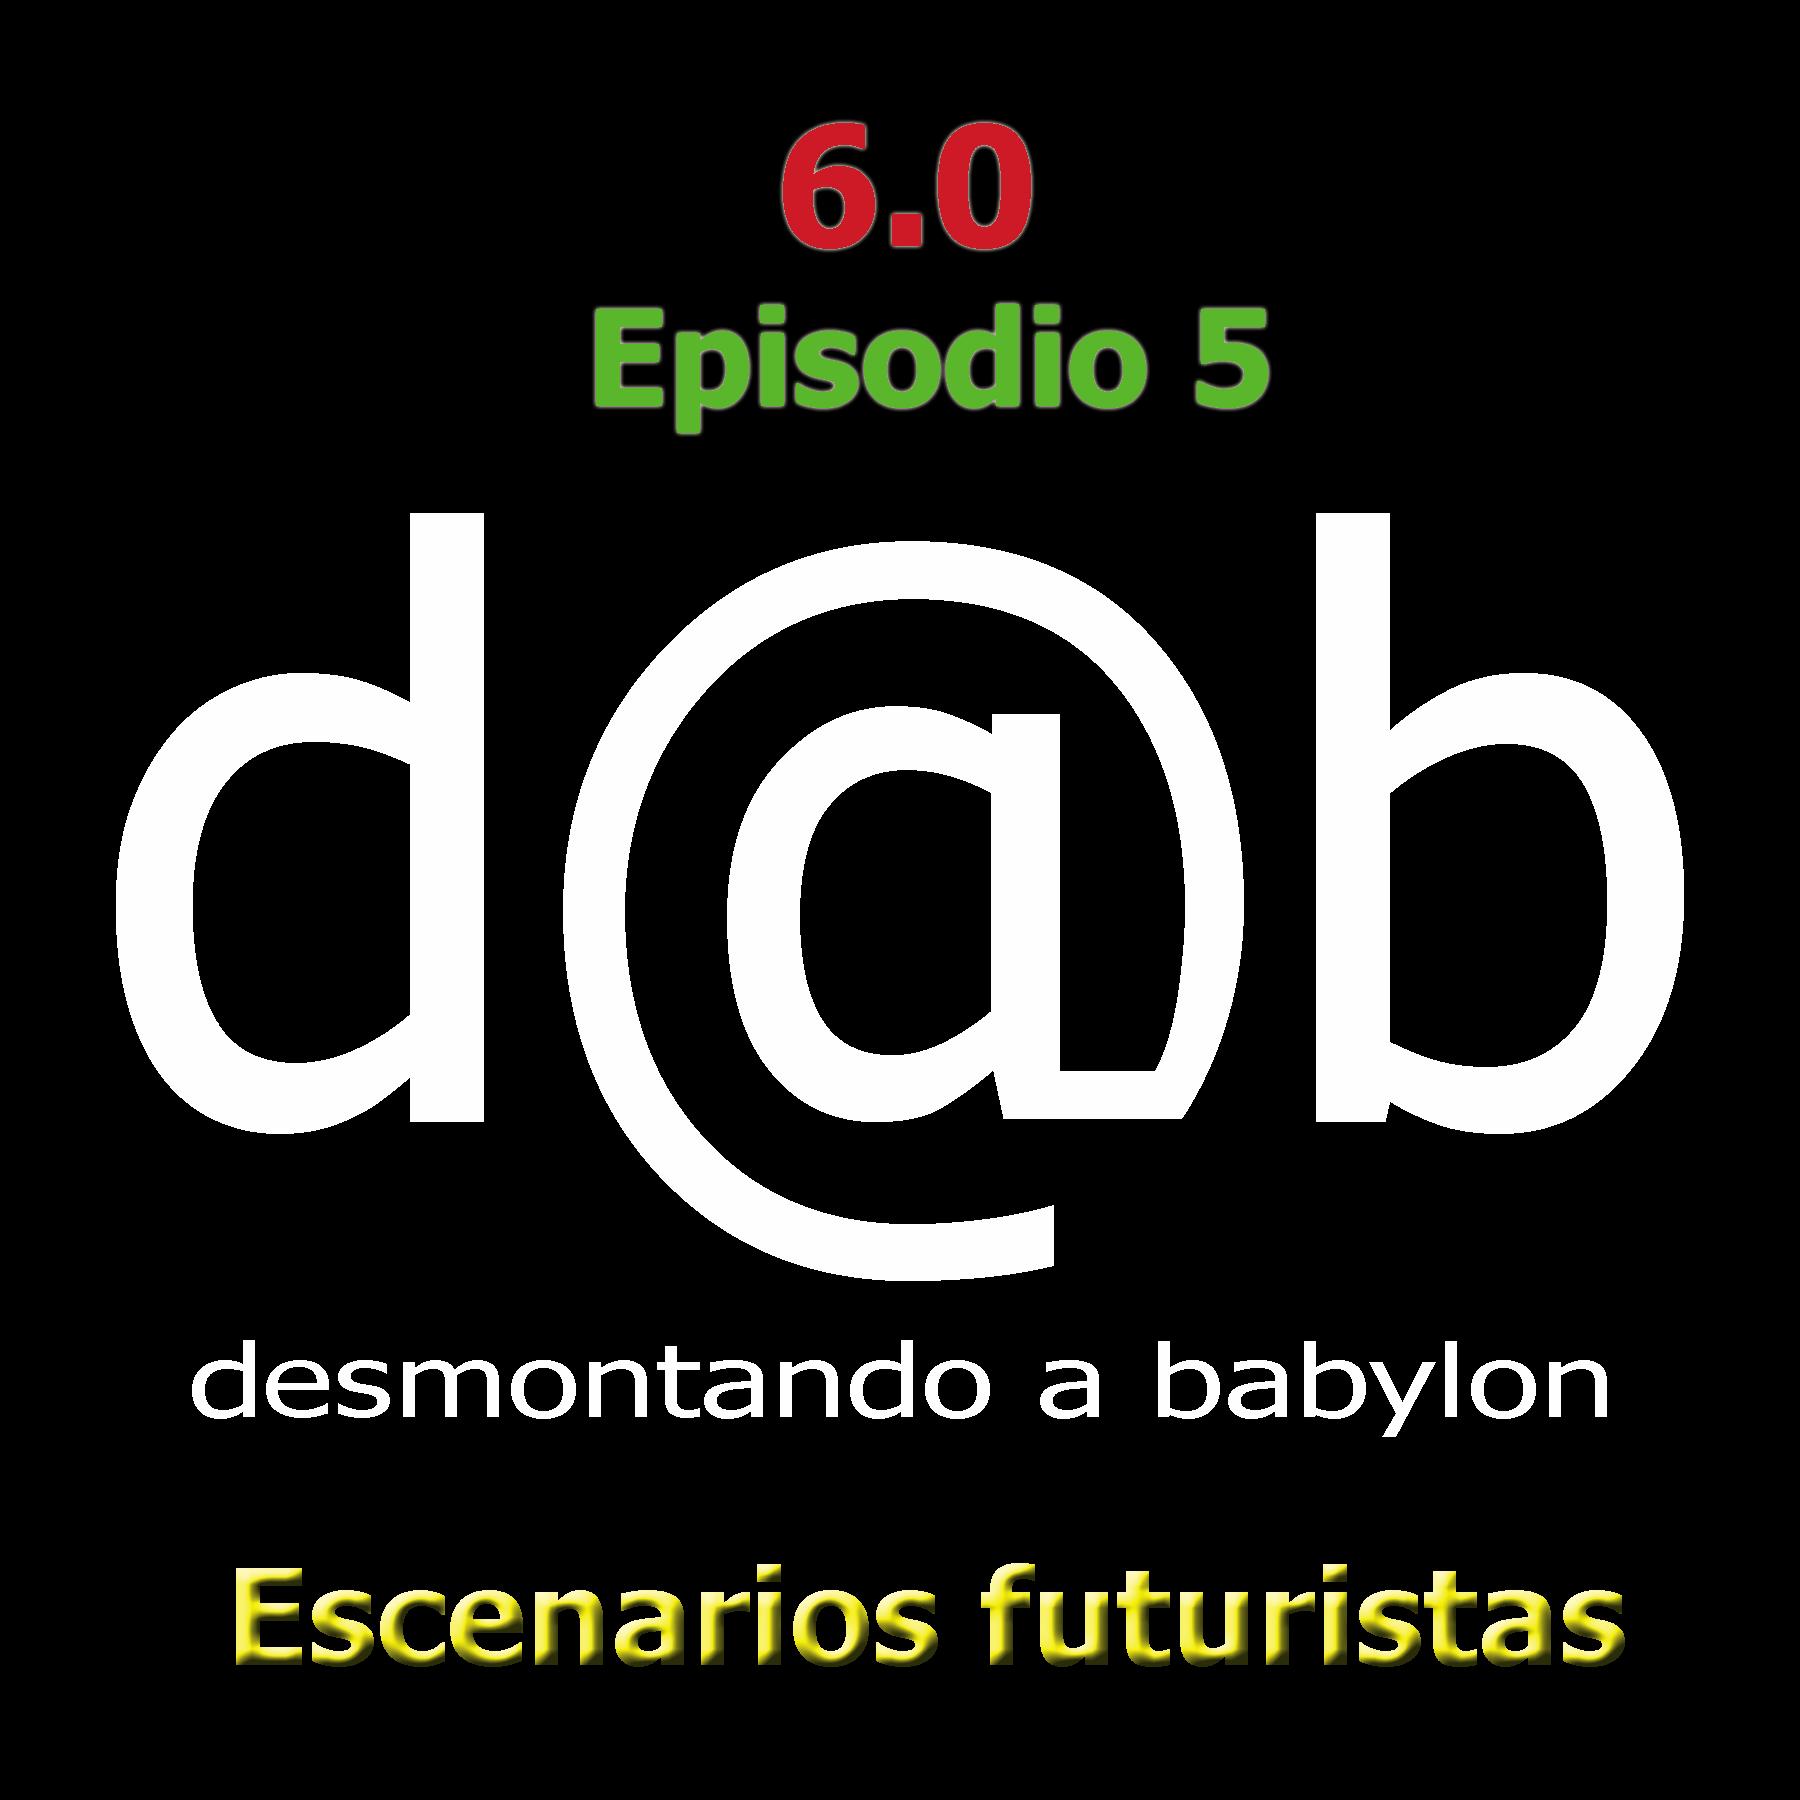 Desmontando a Babylon: d@b radio 6.0 Episodio 5 – Los futuristas y sus escenarios futuros